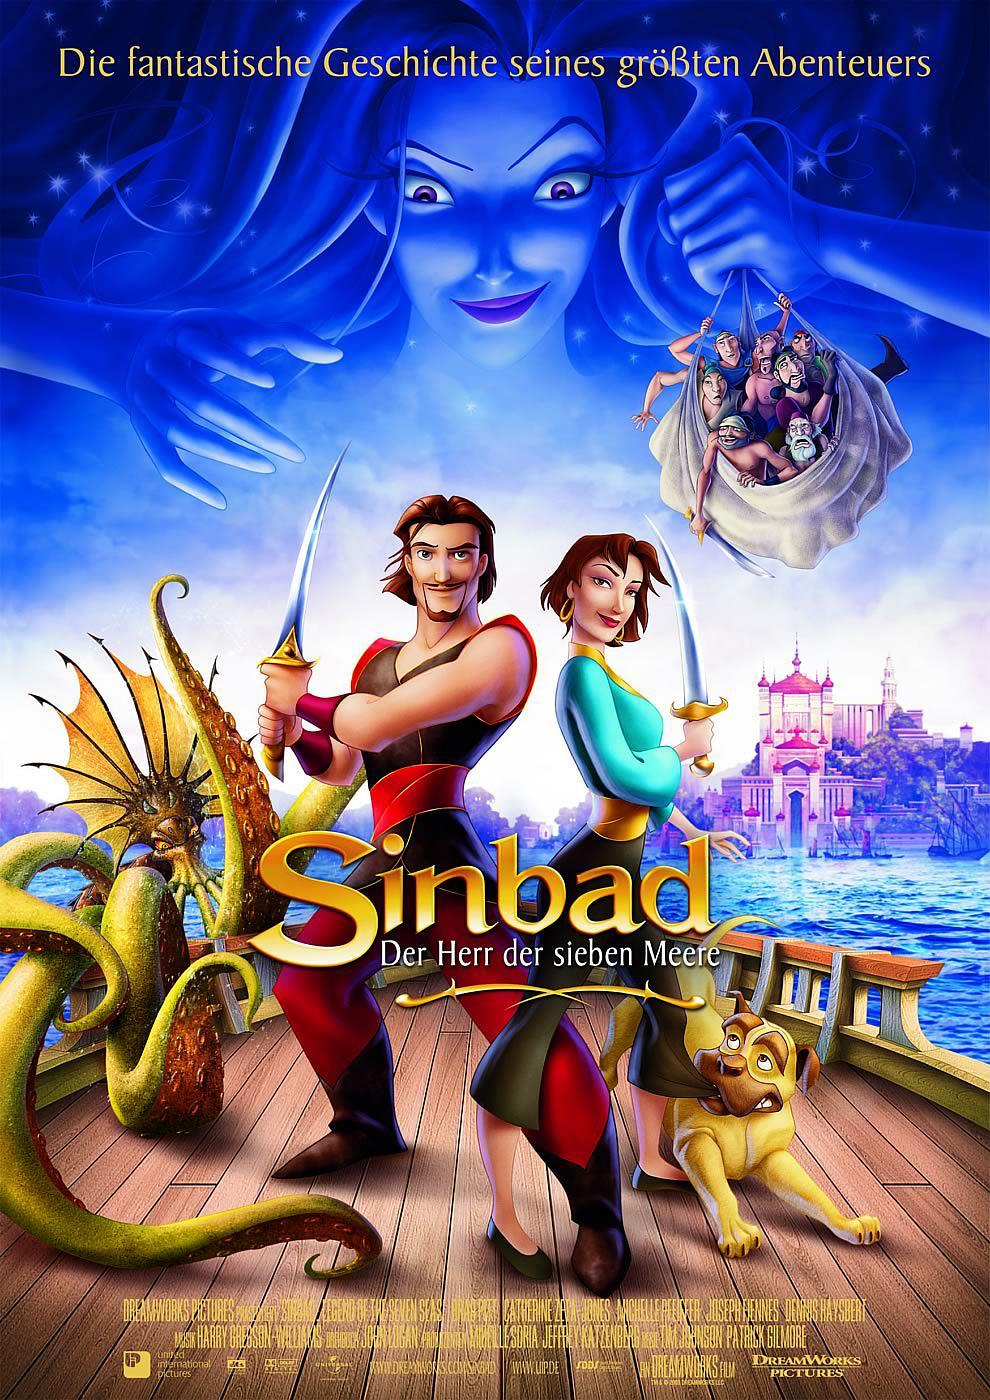 辛巴达七海传奇 2003版